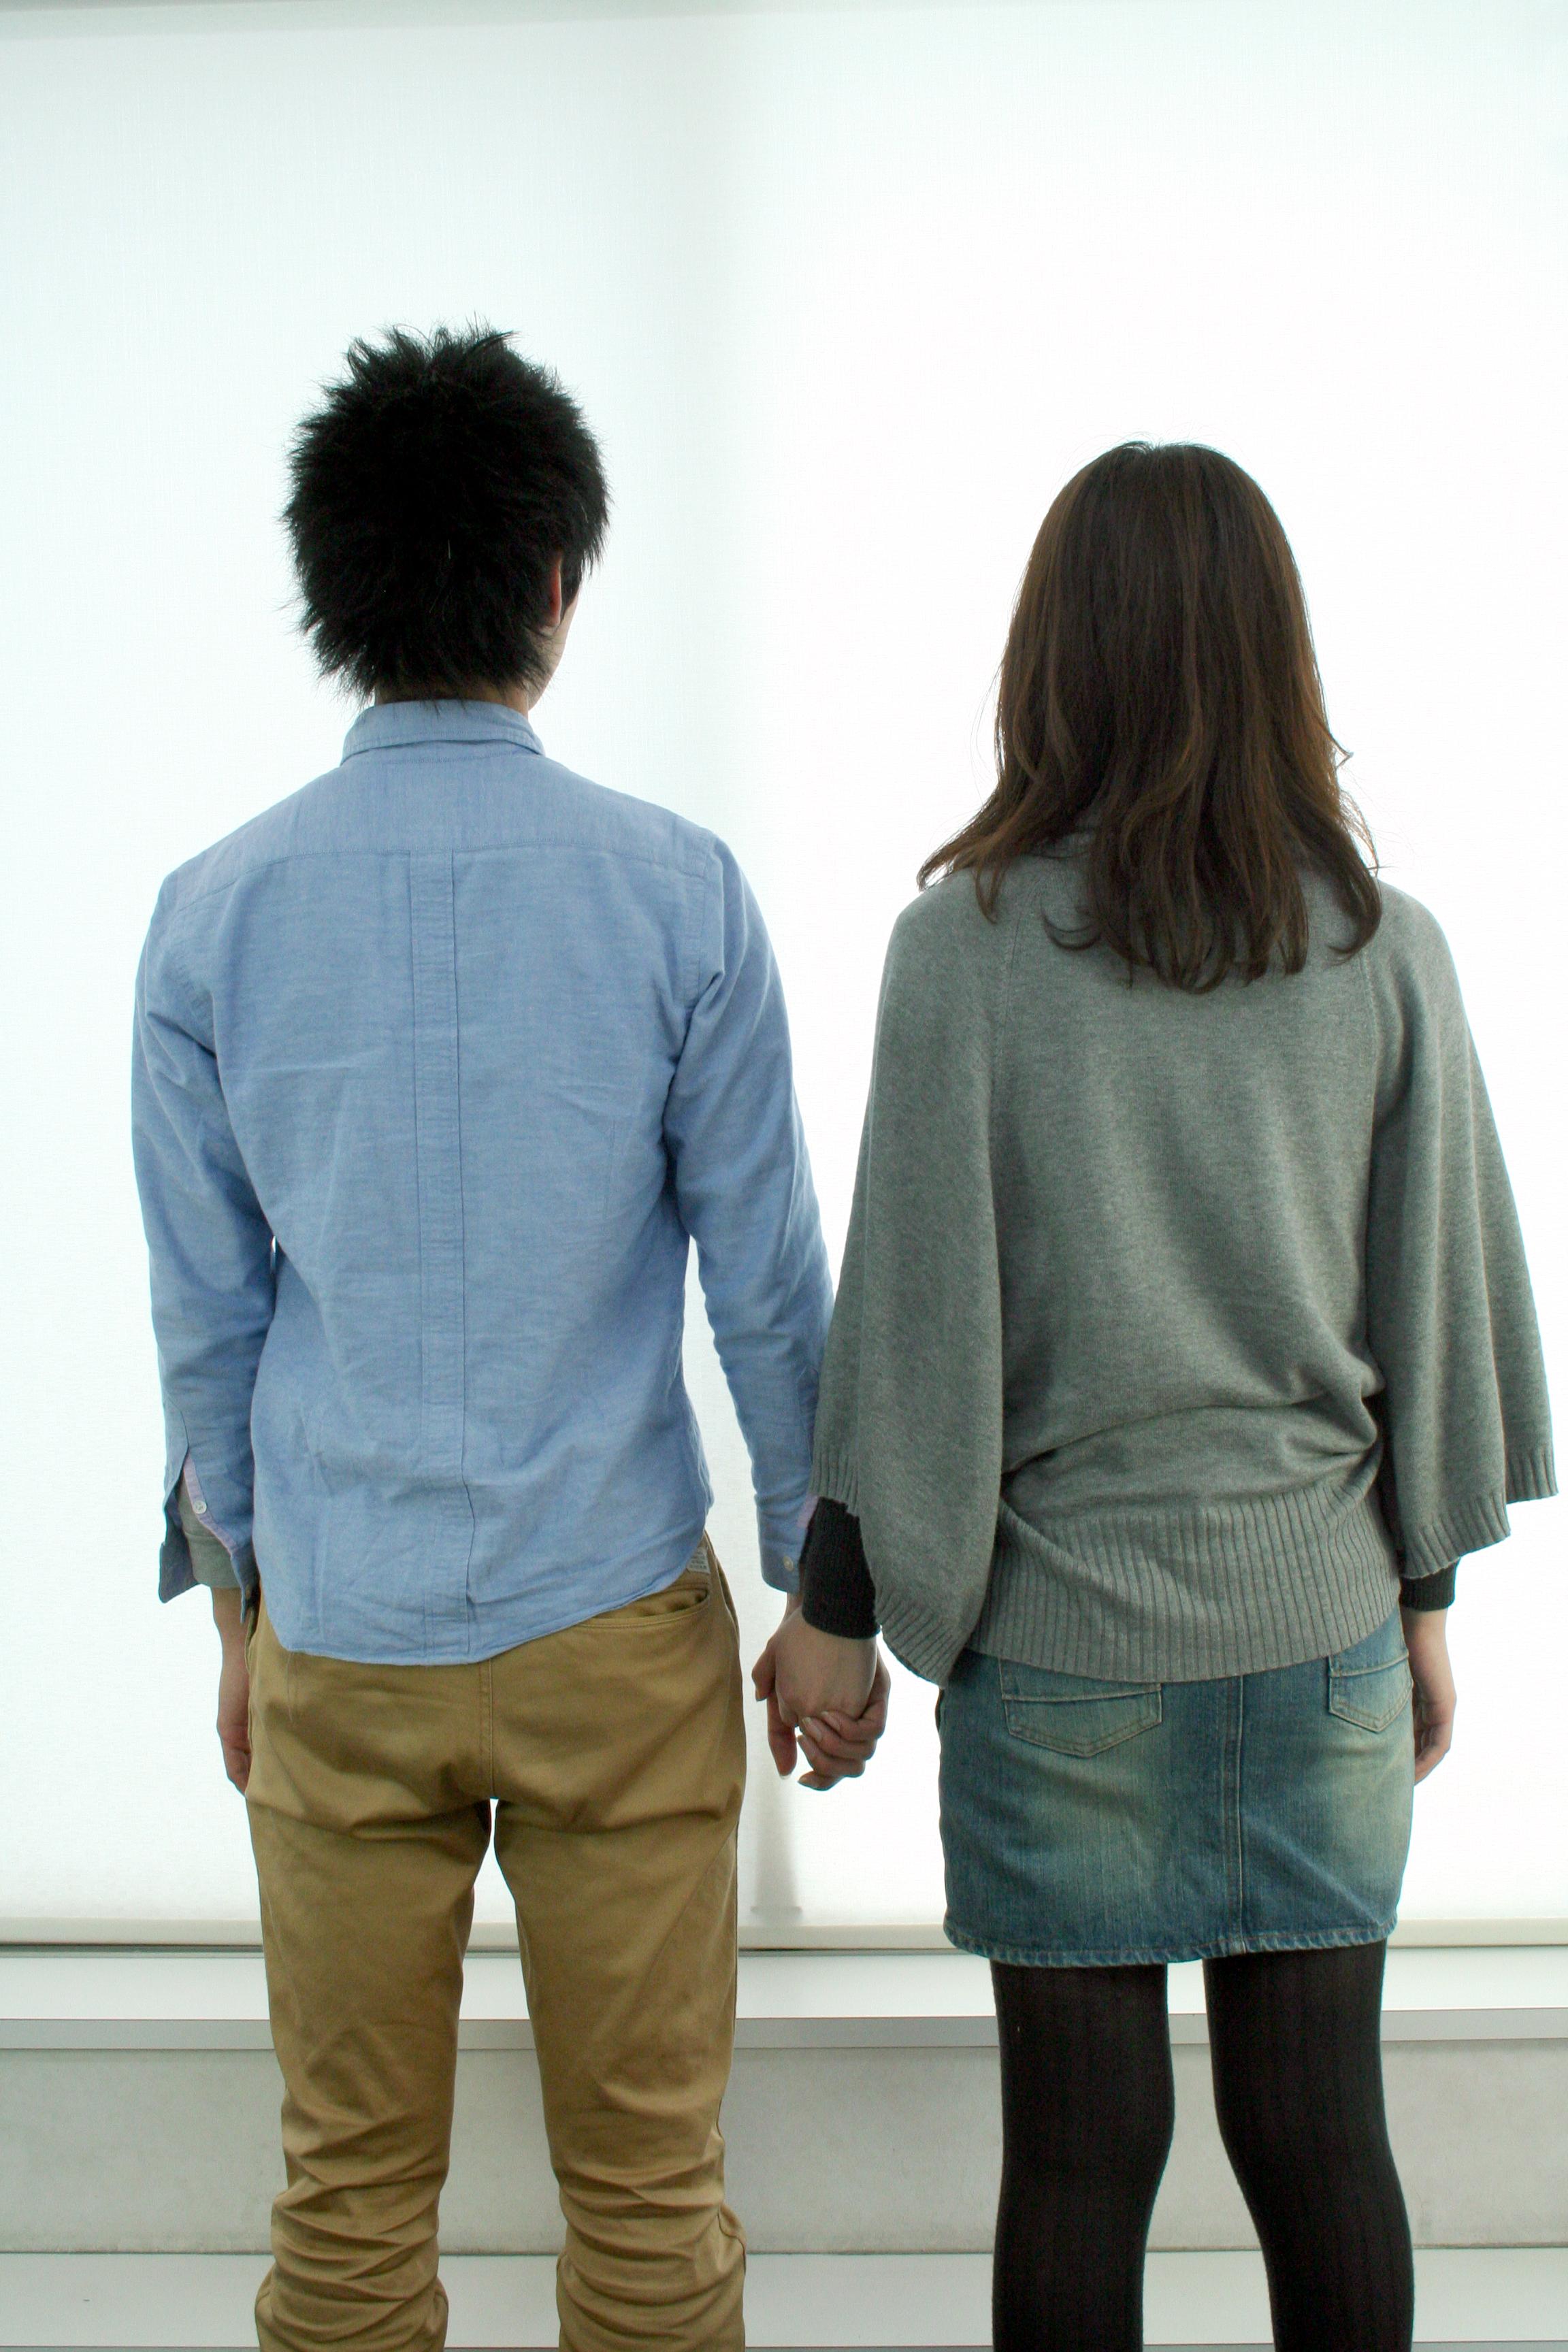 二人手をつなぐカップル